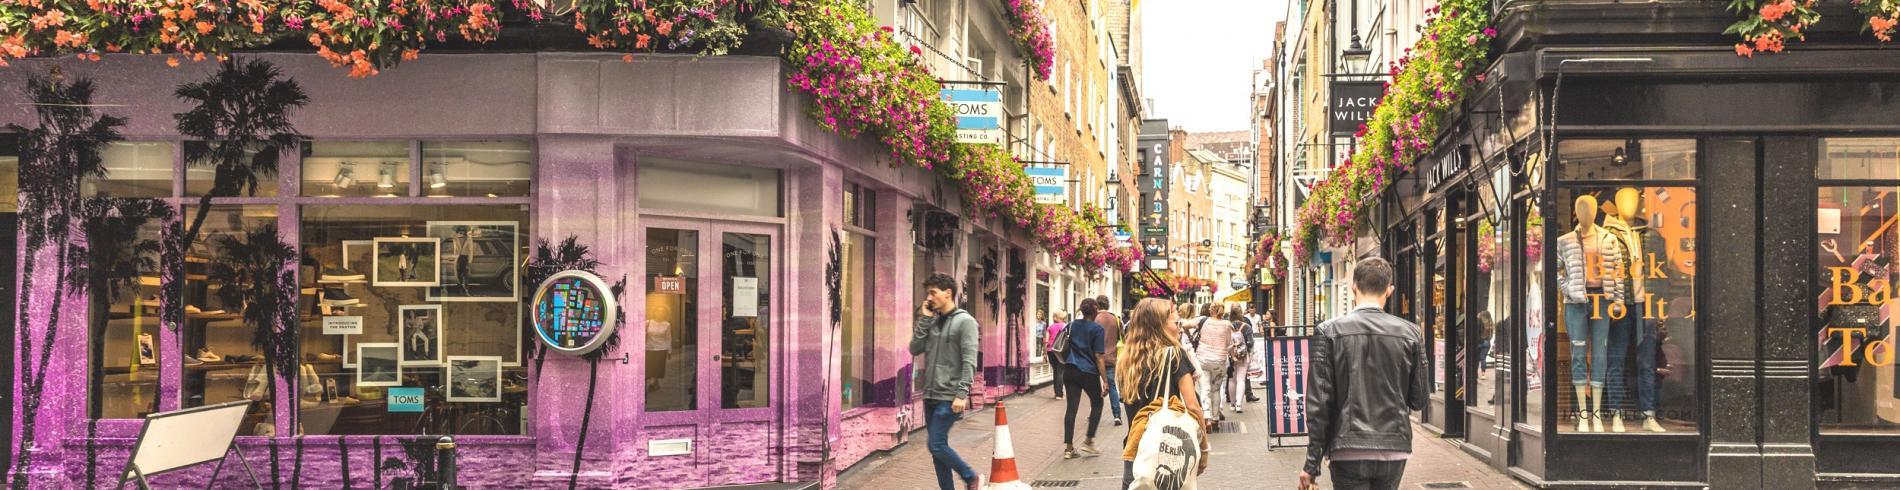 Carnanby street in London